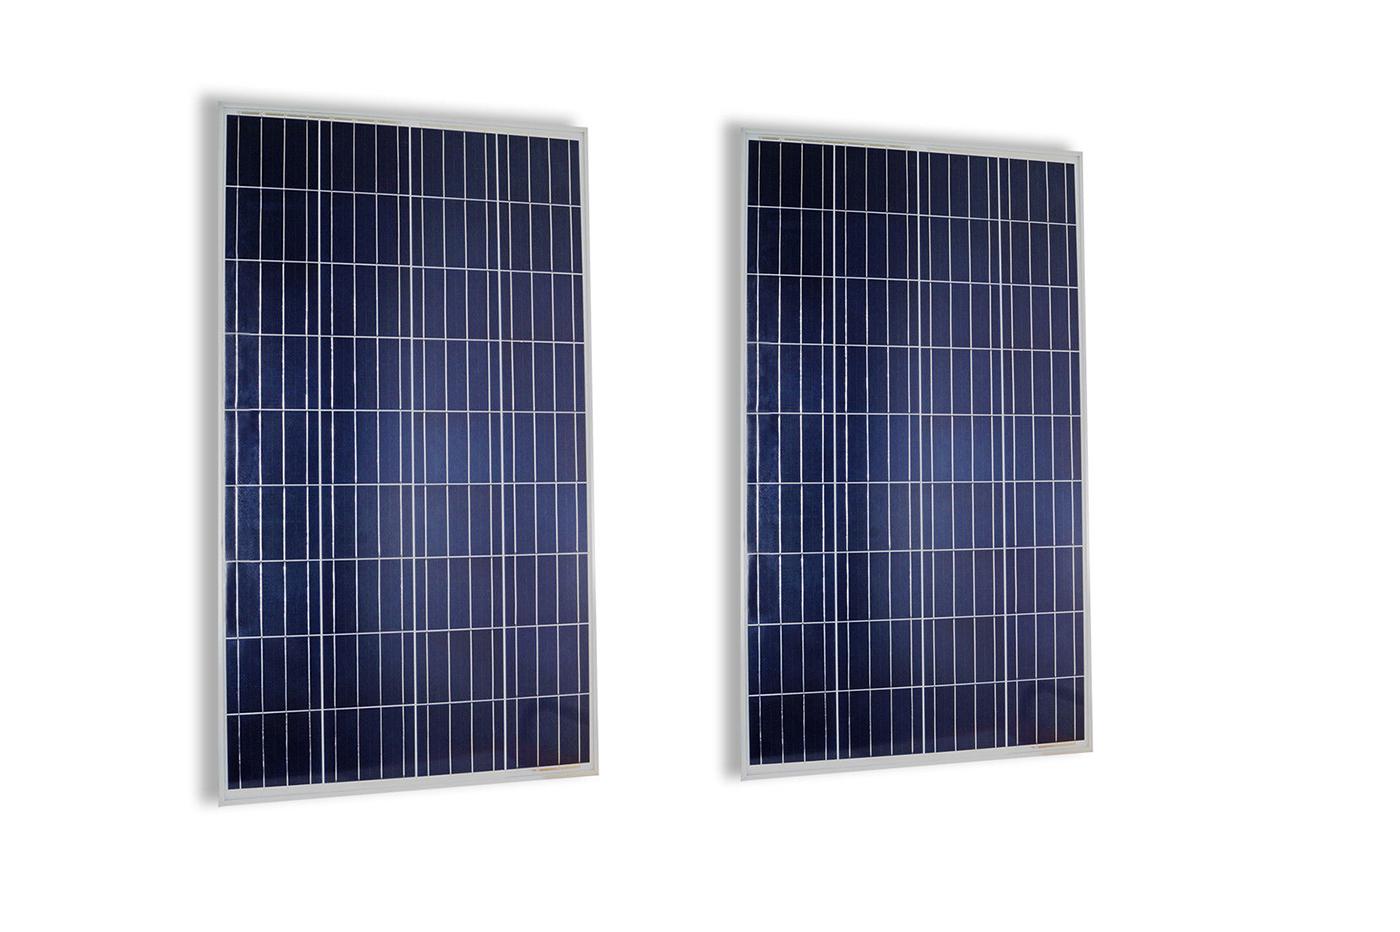 Plafoniere Con Pannello Solare : Bes illuminazione ad energia solare beselettronica